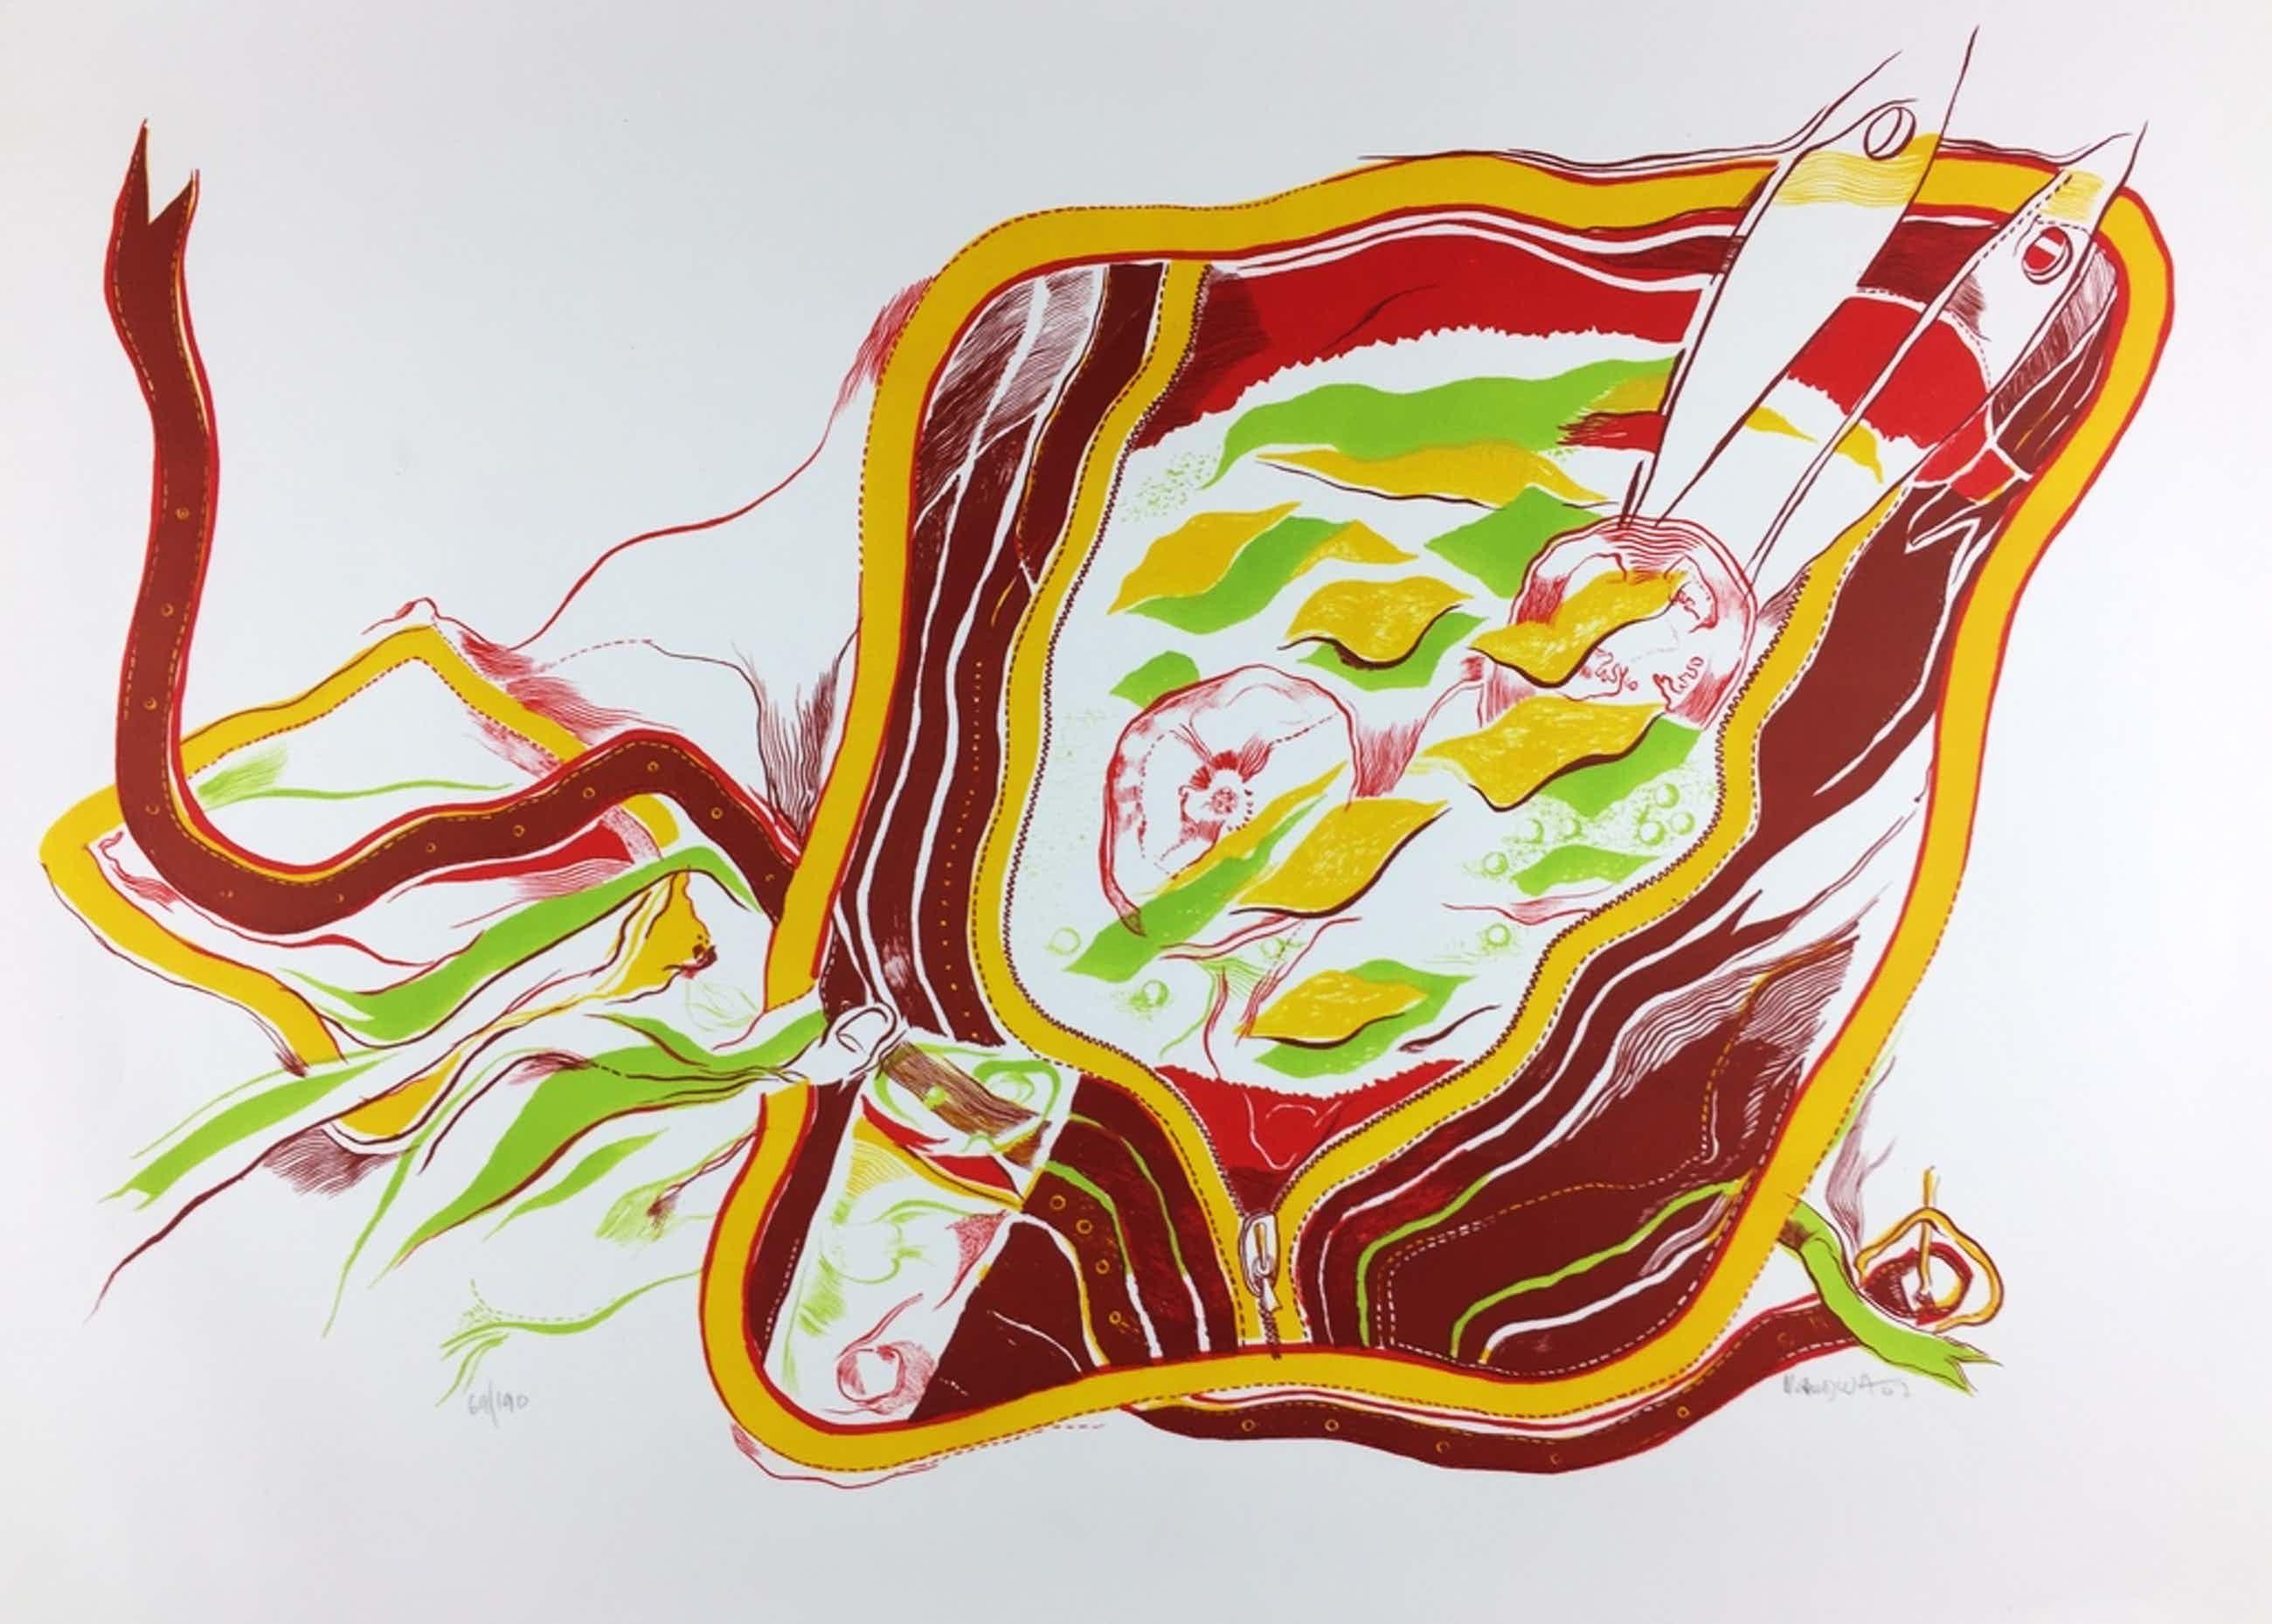 Michel Cardenas - Michel Cardena, kleurenlitho, Prent 190, 1967 kopen? Bied vanaf 60!